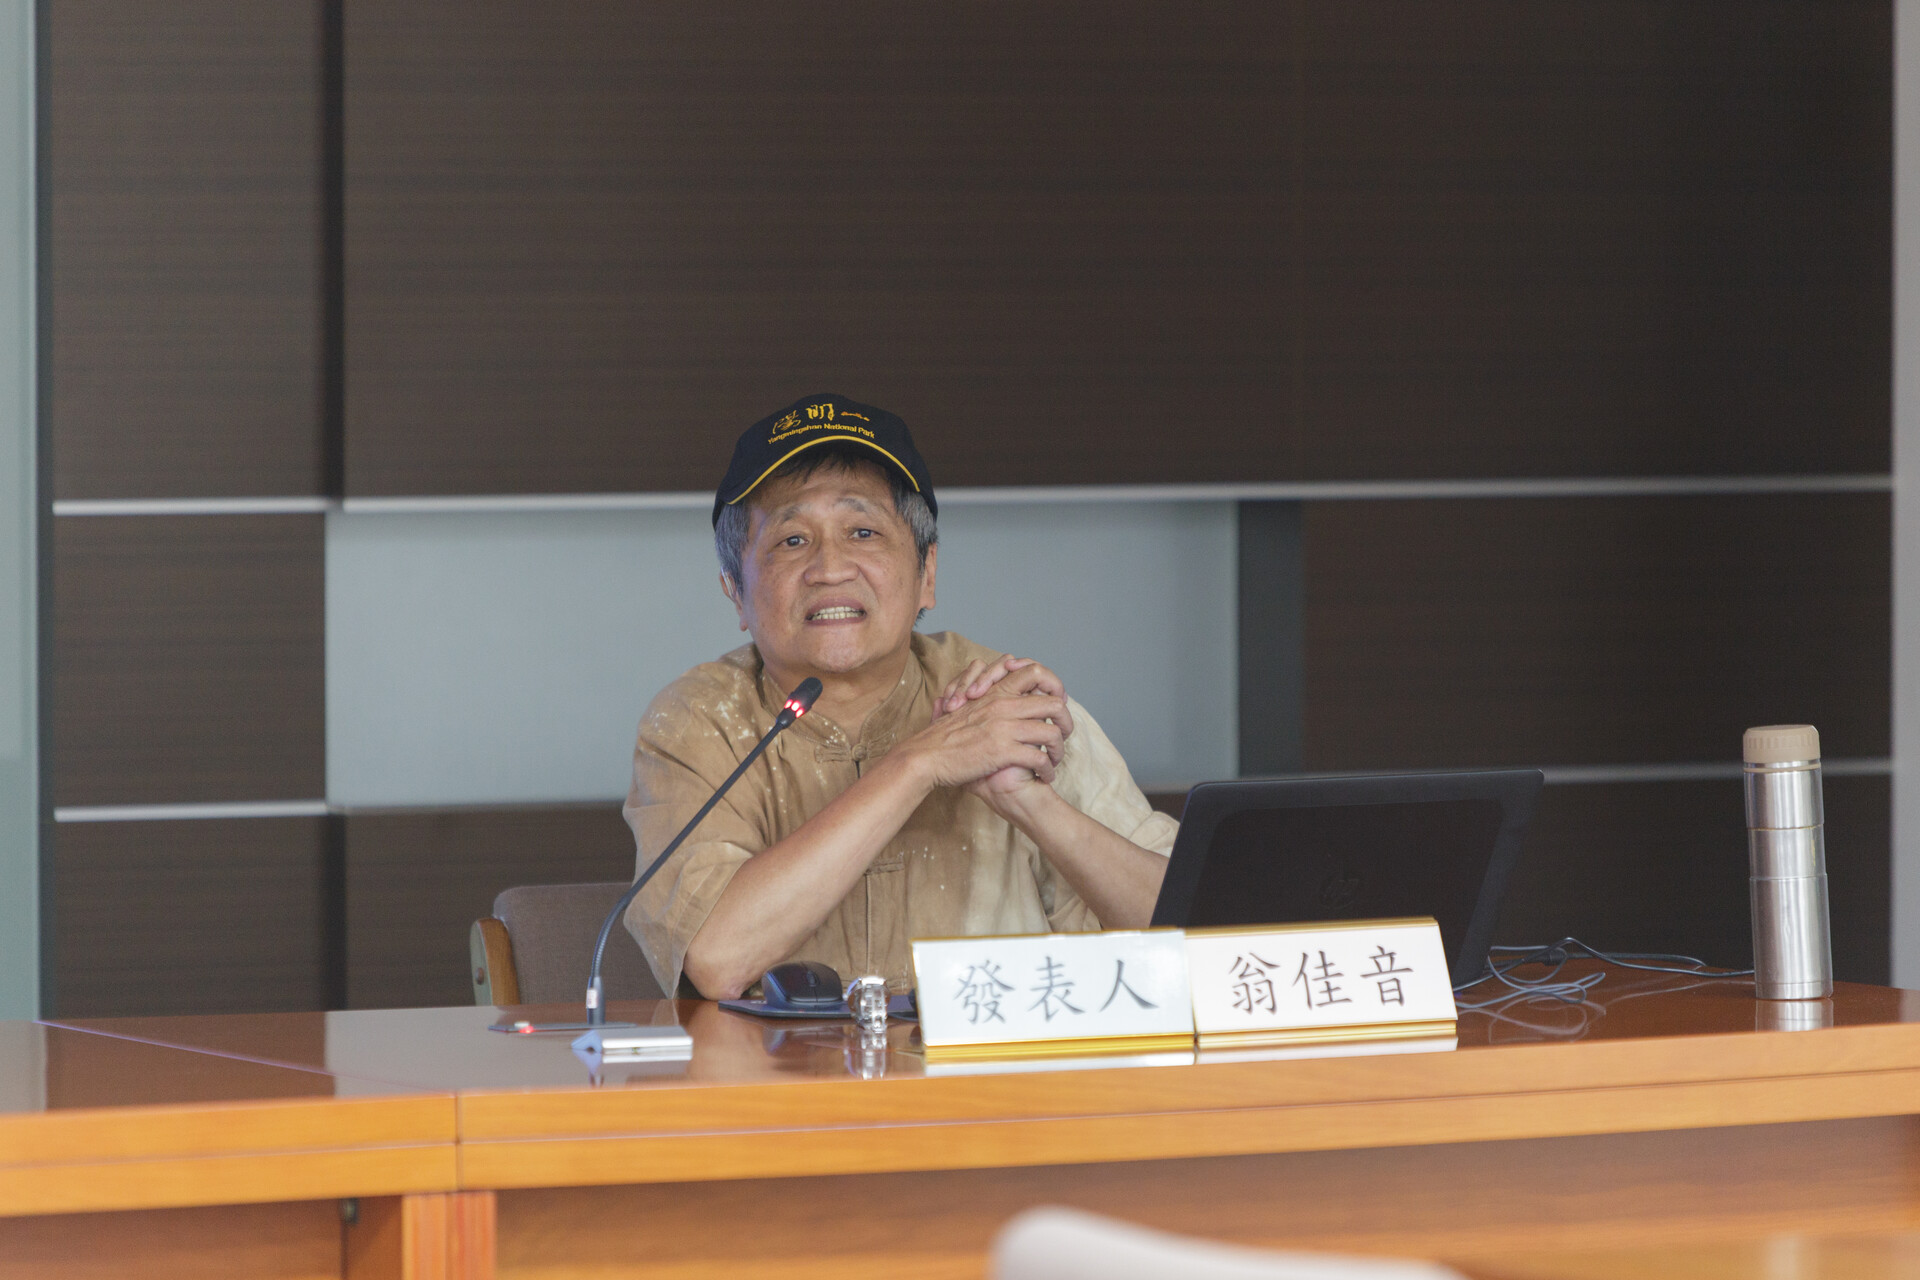 翁佳音教授演講「海賊系譜:一個研究的反省」紀要